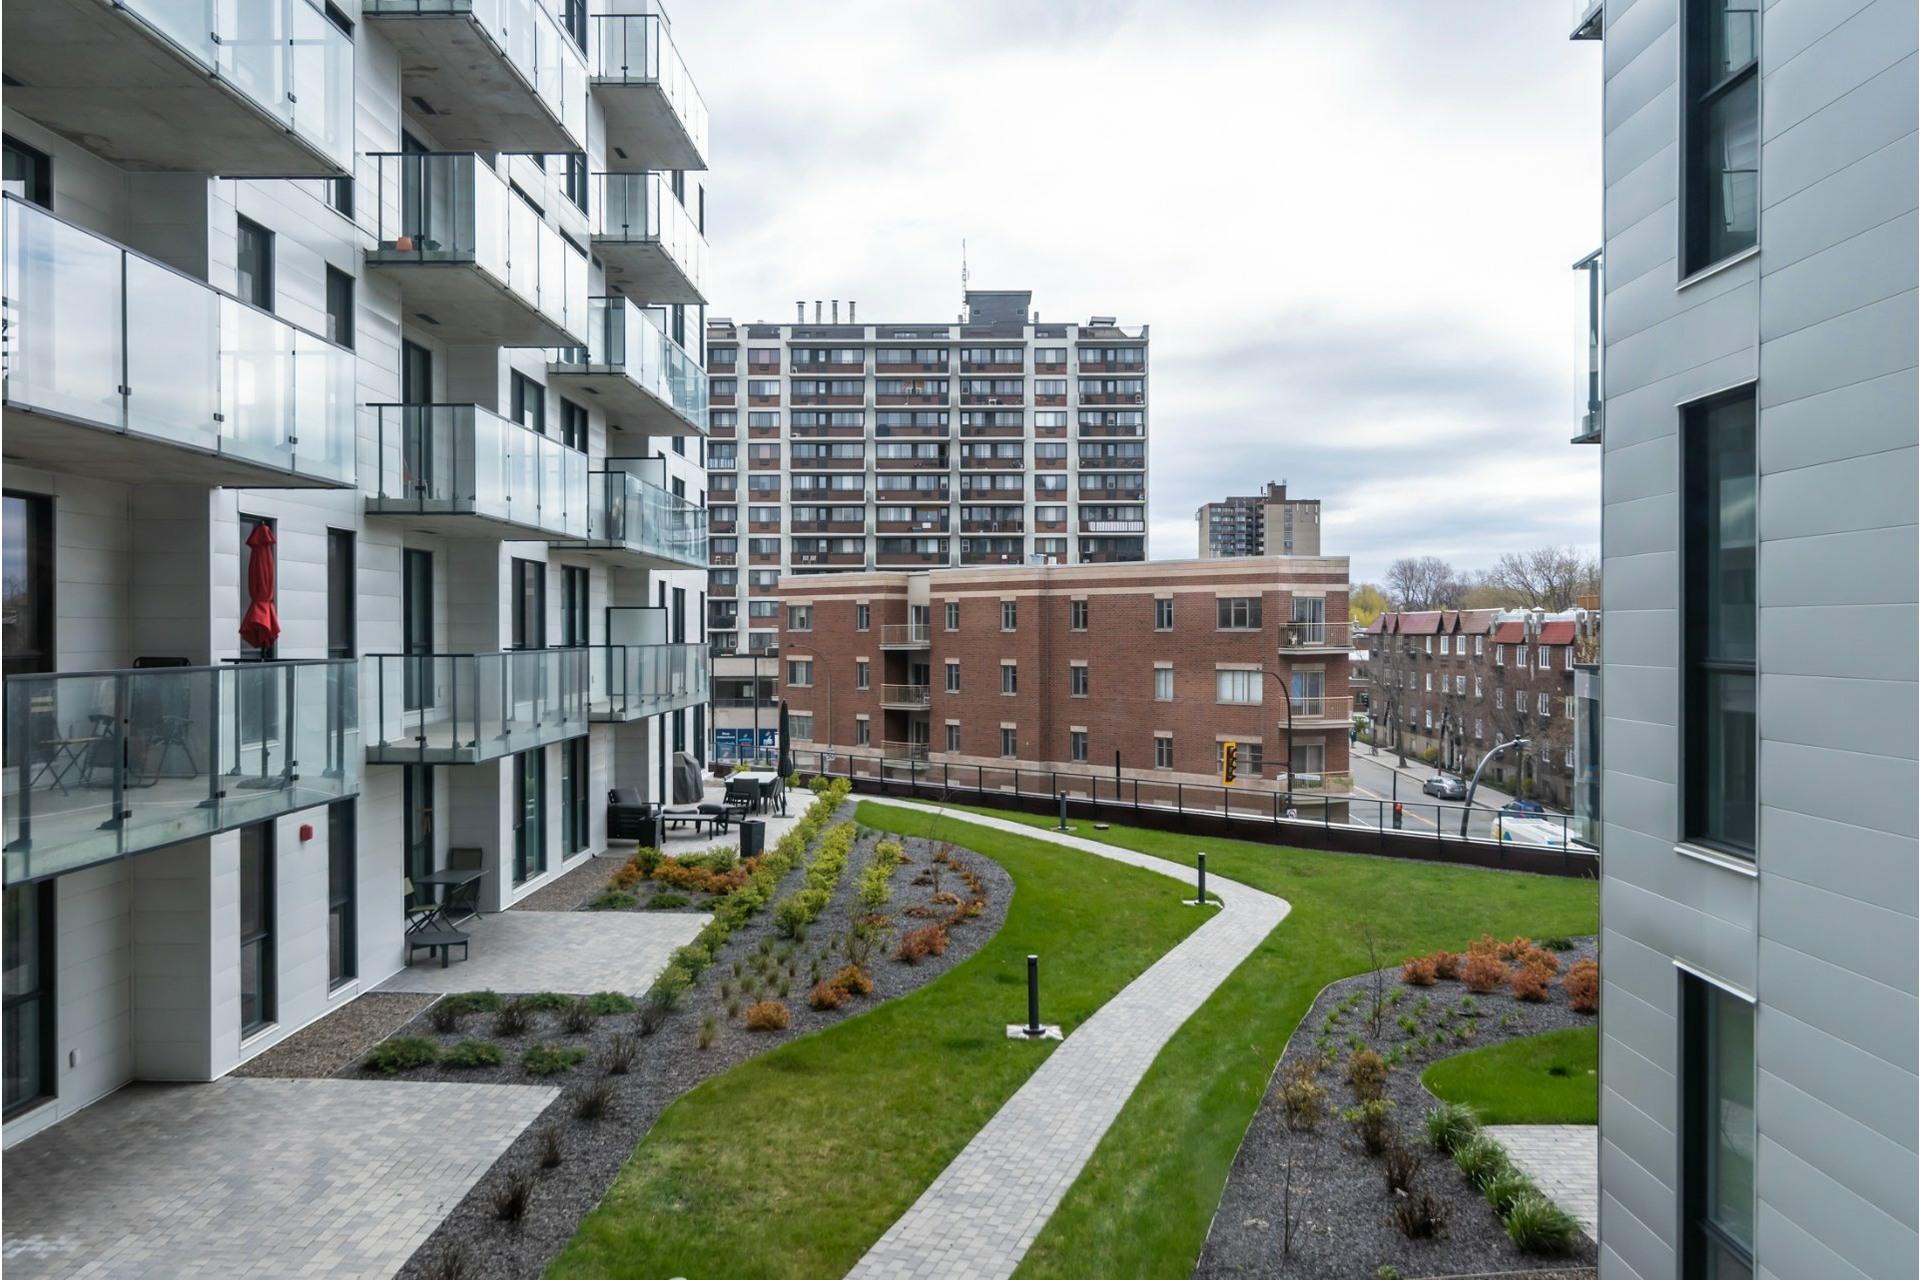 image 24 - Appartement À louer Côte-des-Neiges/Notre-Dame-de-Grâce Montréal  - 6 pièces